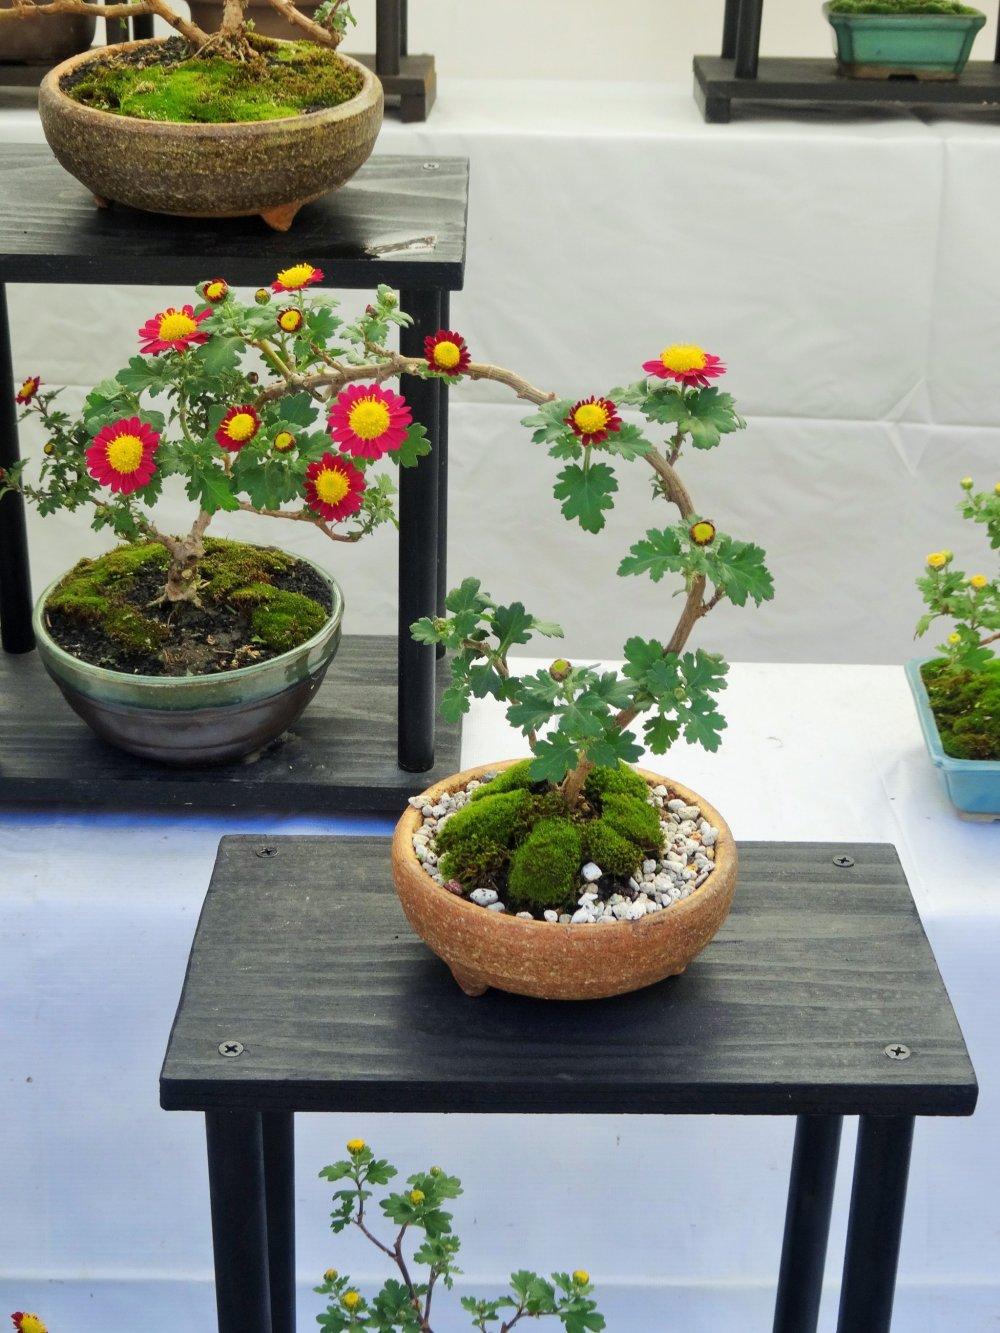 Bonsai Chrysanthemum Display Matsumoto Nagano Japan Travel